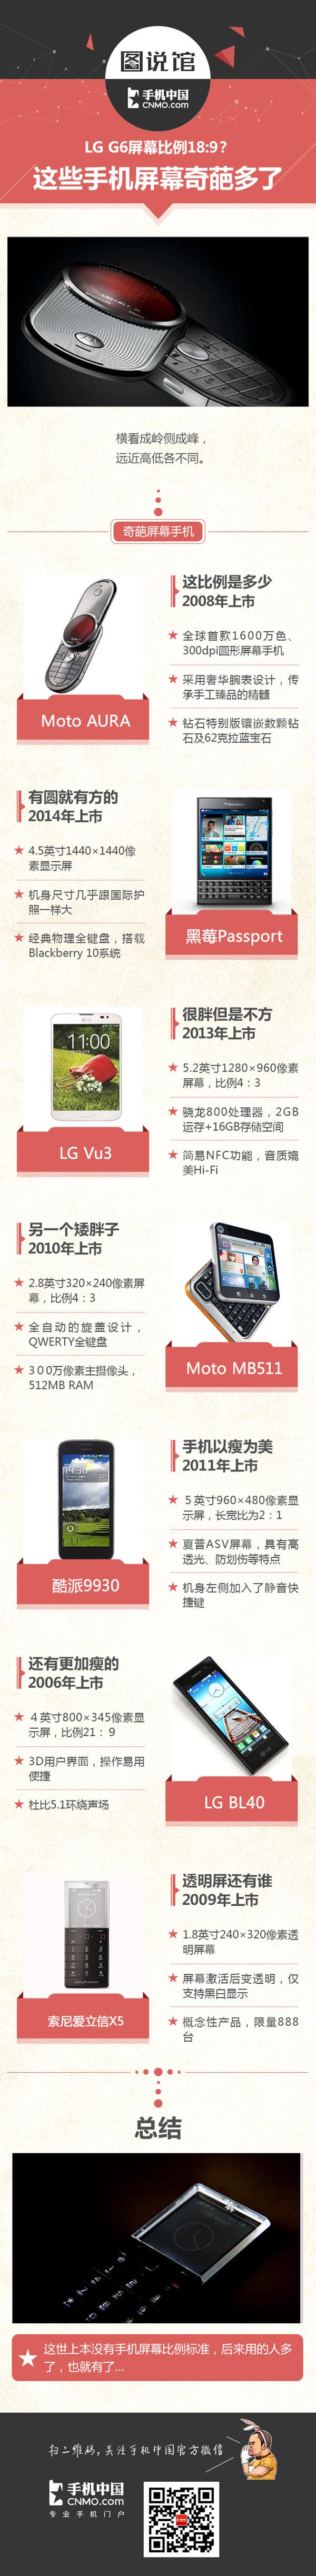 LG G6屏幕18:9?这些手机屏幕奇葩多了